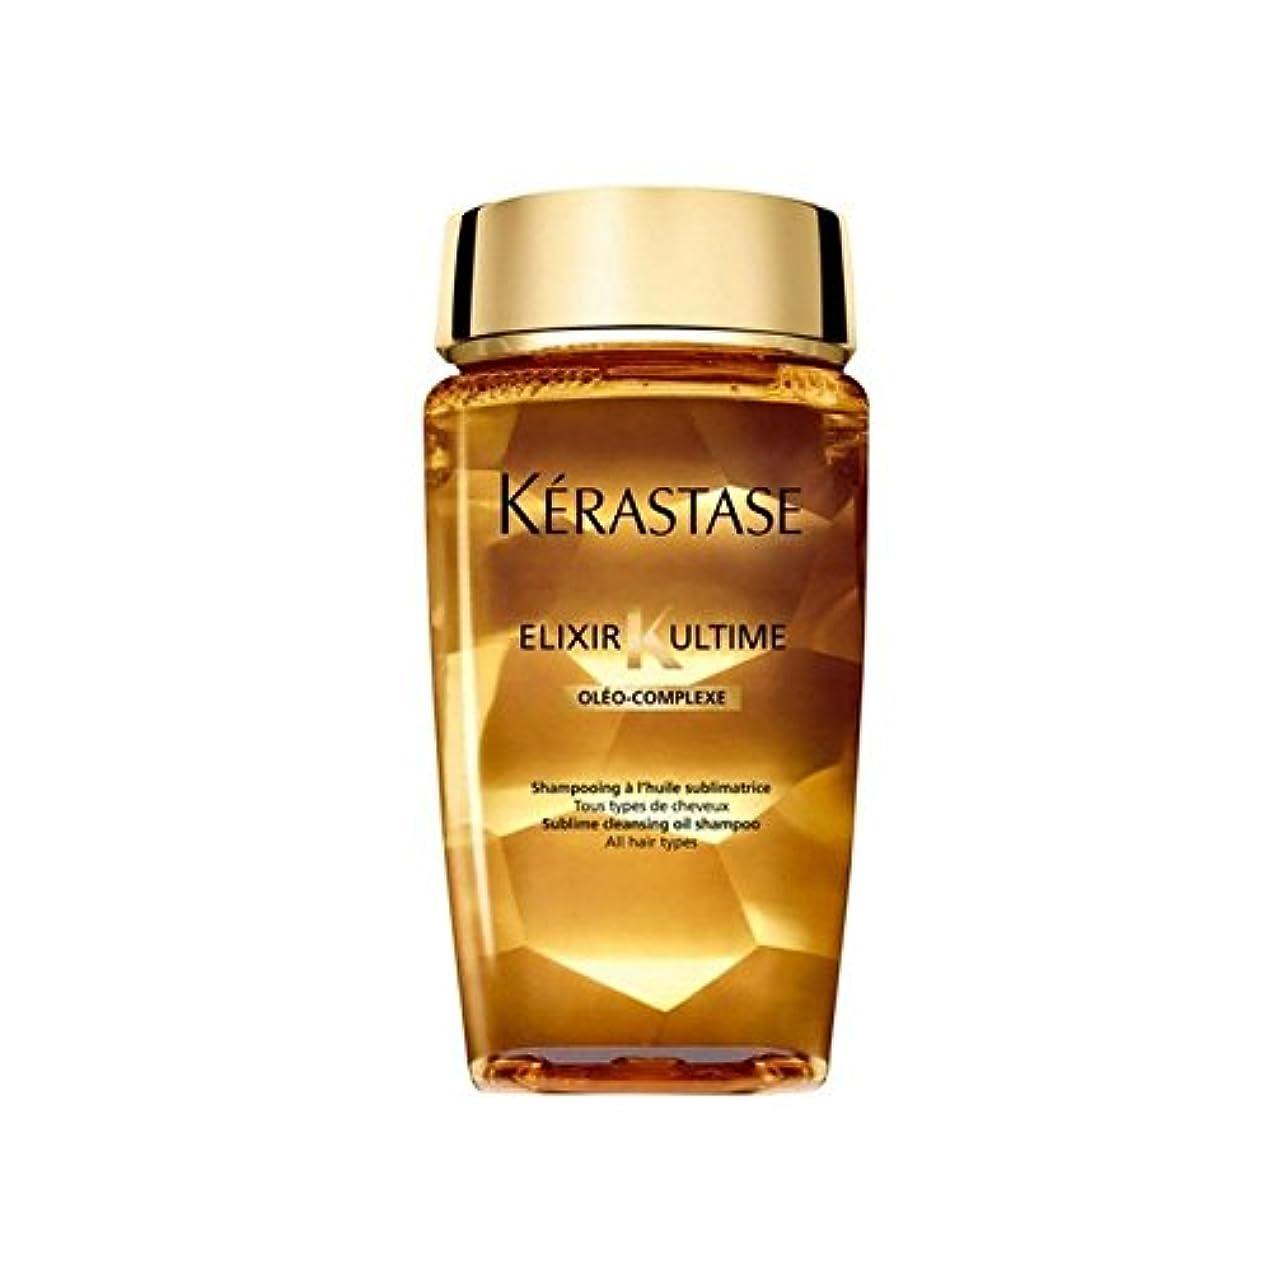 謎お風呂を持っている順番K?rastase Elixir Ultime Huile Lavante Bain (250ml) (Pack of 6) - ケラスターゼエリクサー ラバンテ?ベイン(250ミリリットル) x6 [並行輸入品]